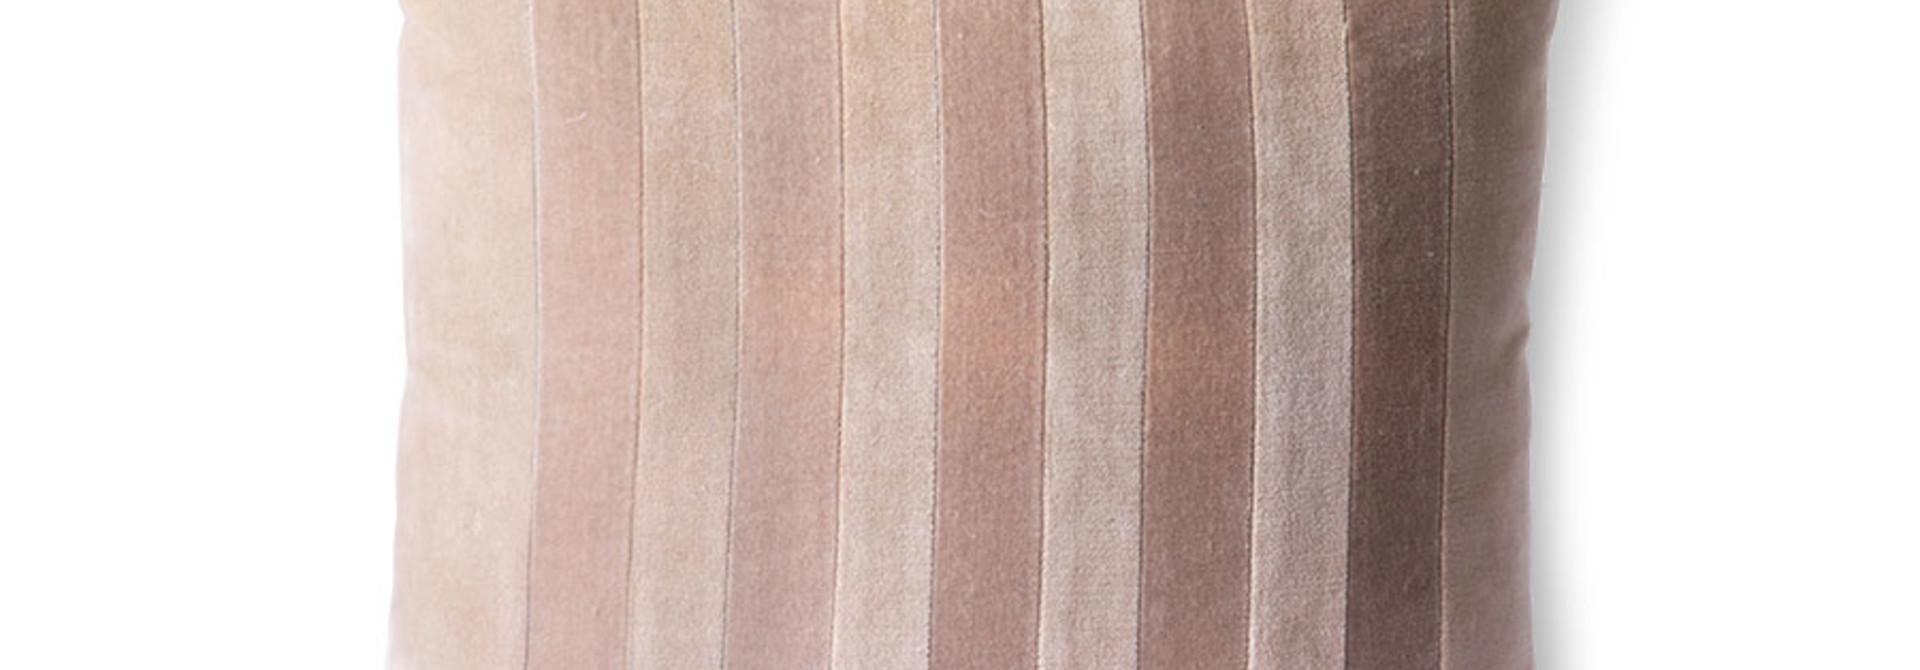 striped velvet cushion beige/liver (45x45)